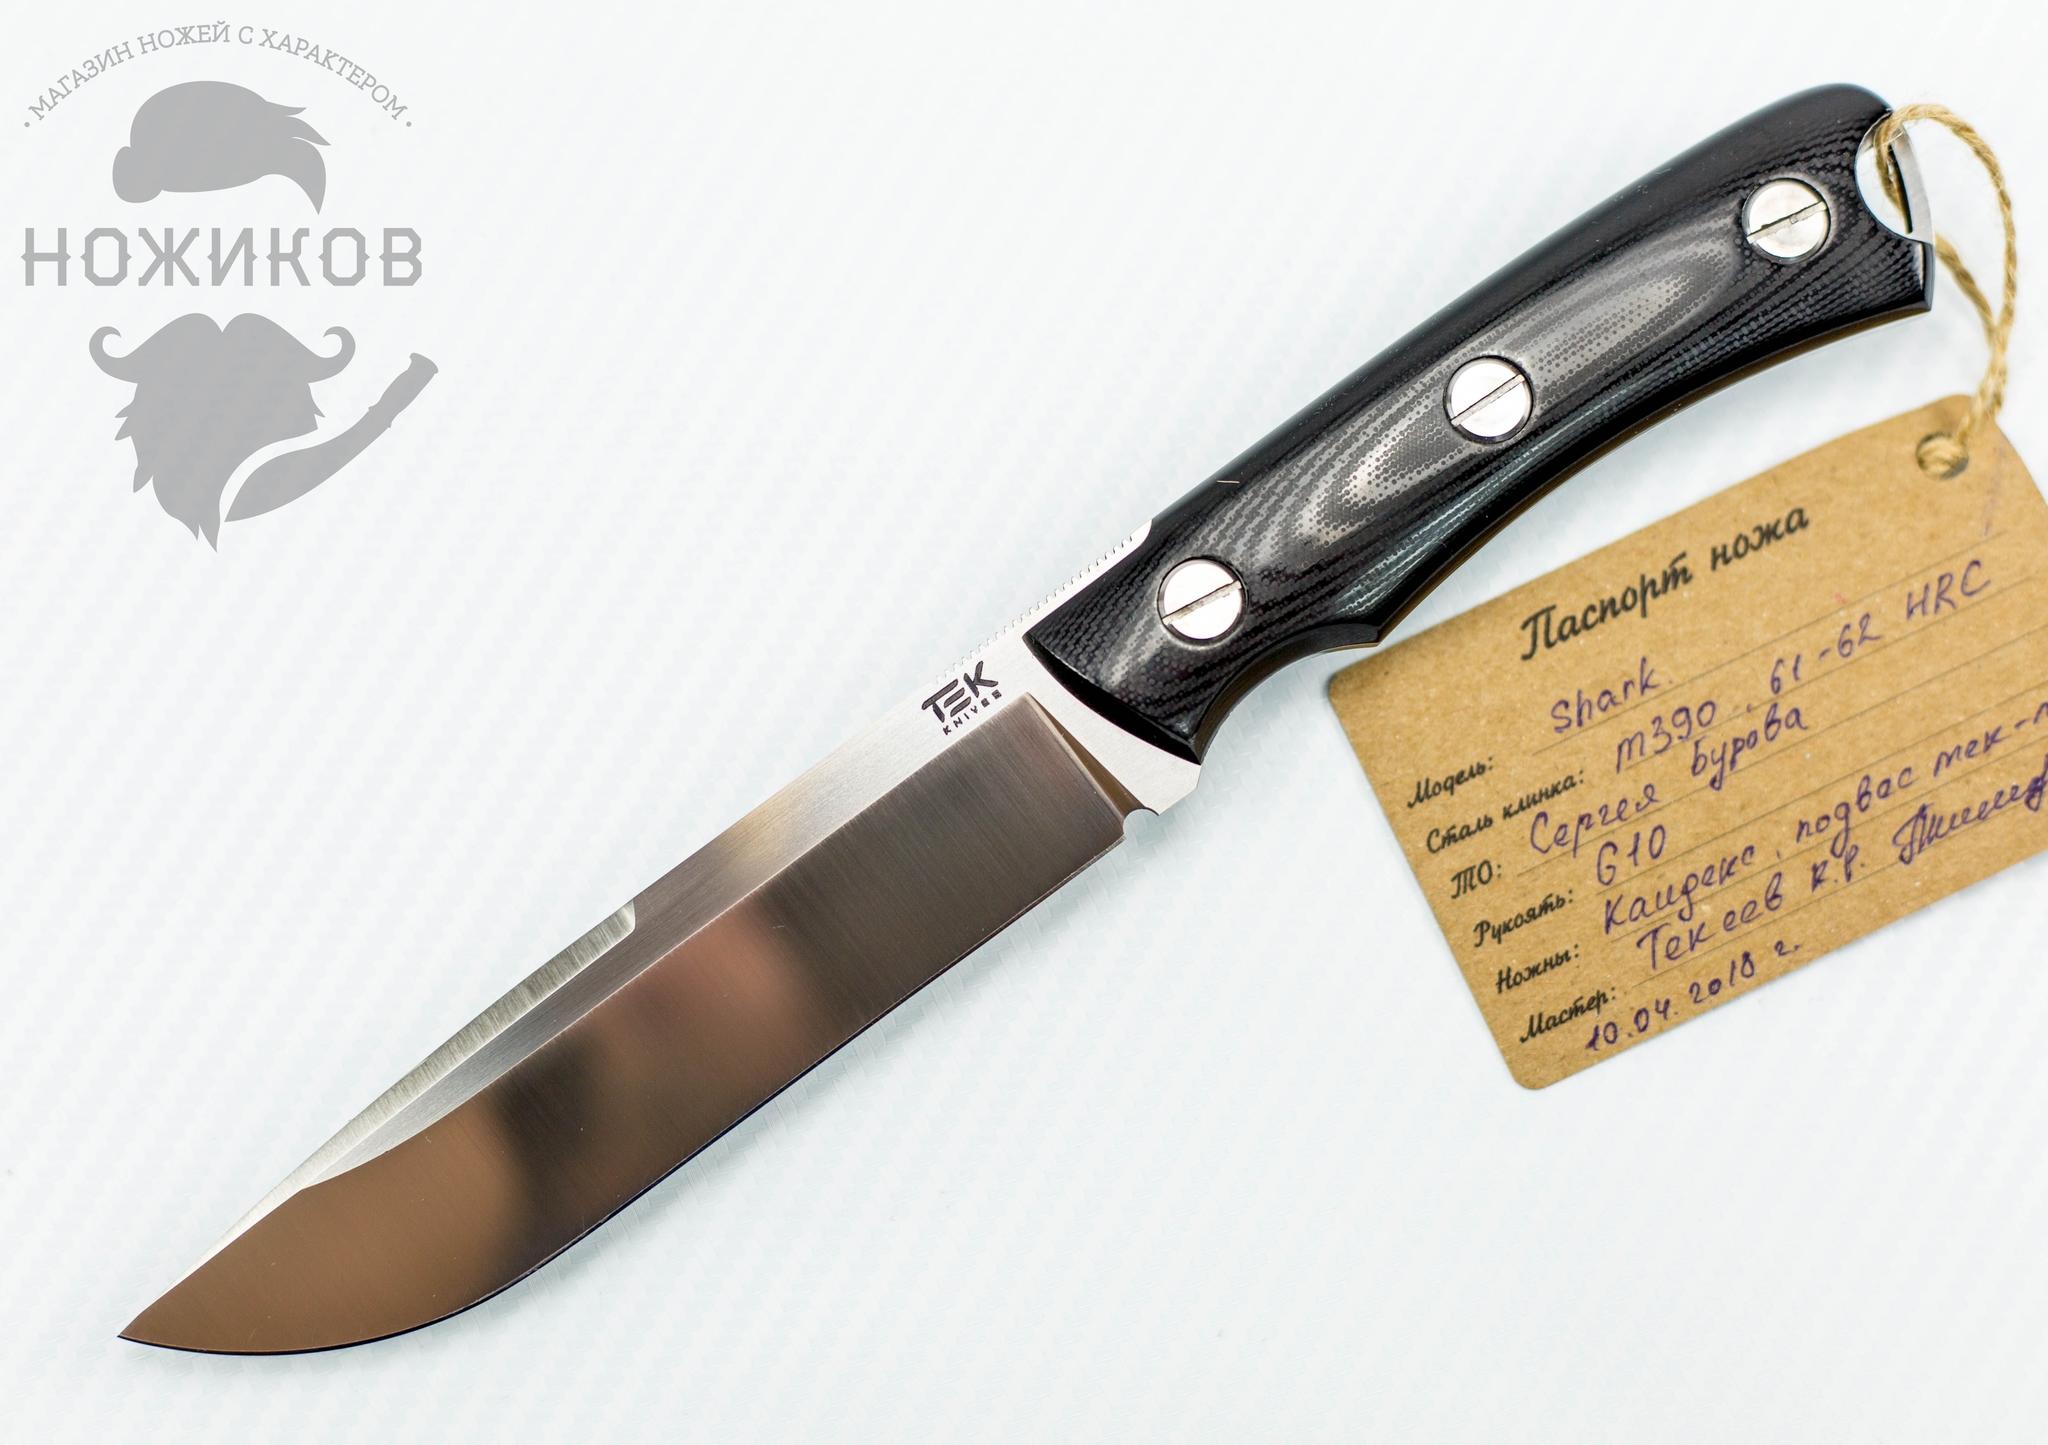 Туристический нож Shark, сталь M390Ножевая мастерская Текеева<br><br>